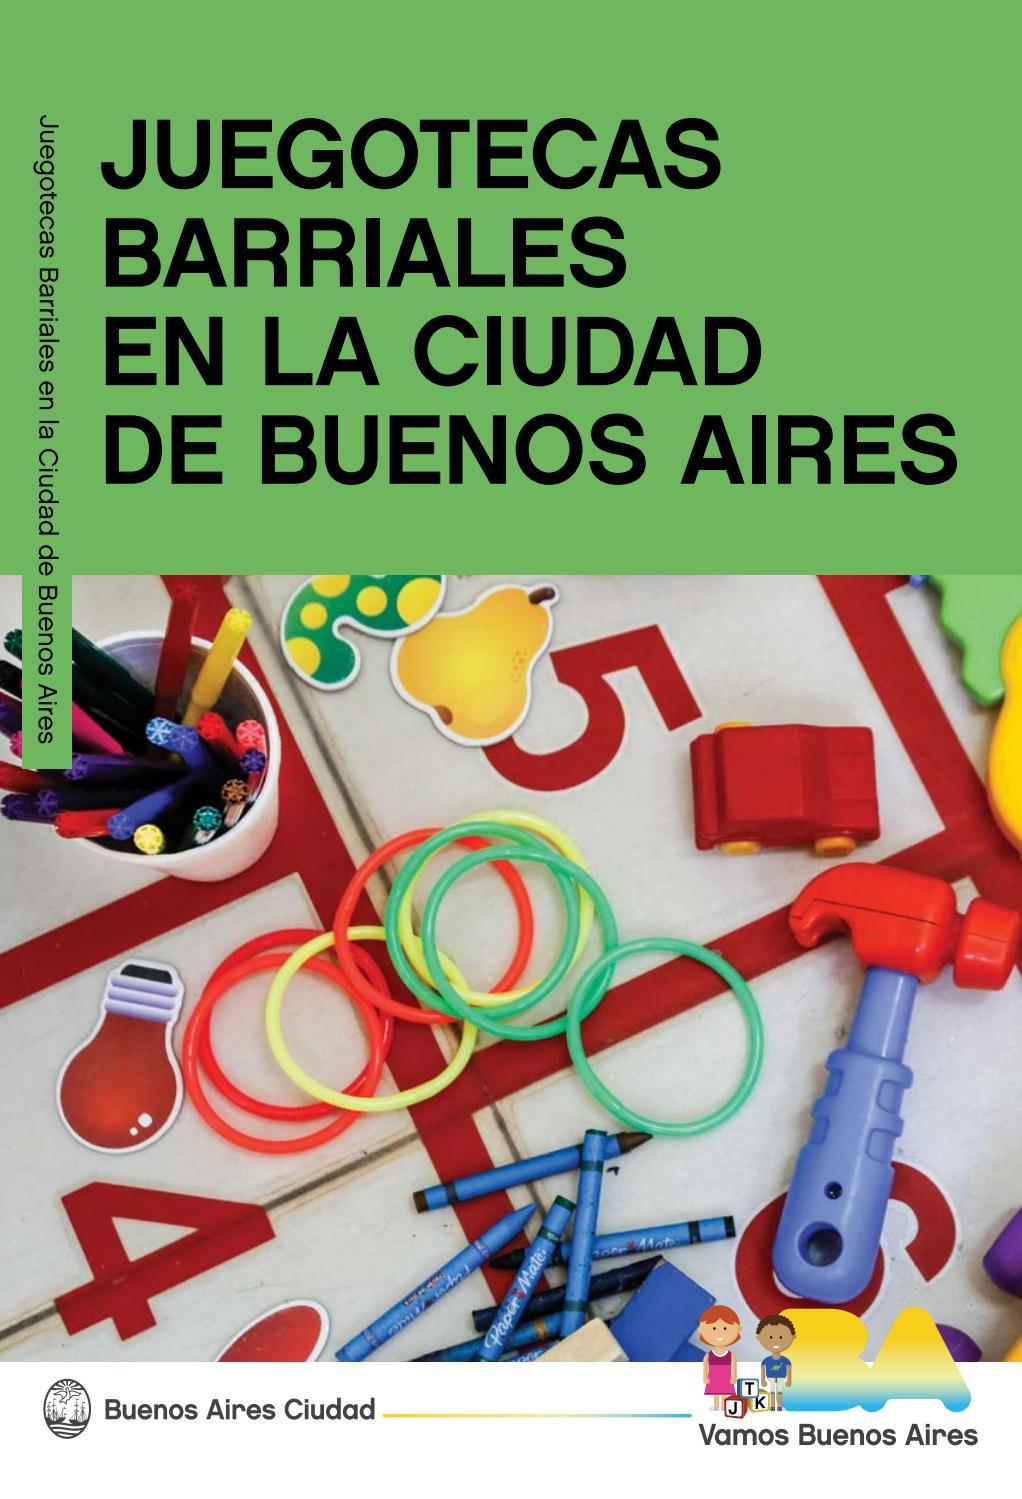 Juegotecas Barriales En La Ciudad De Buenos Aires By Prensa  # Muebles Bordas Colombres